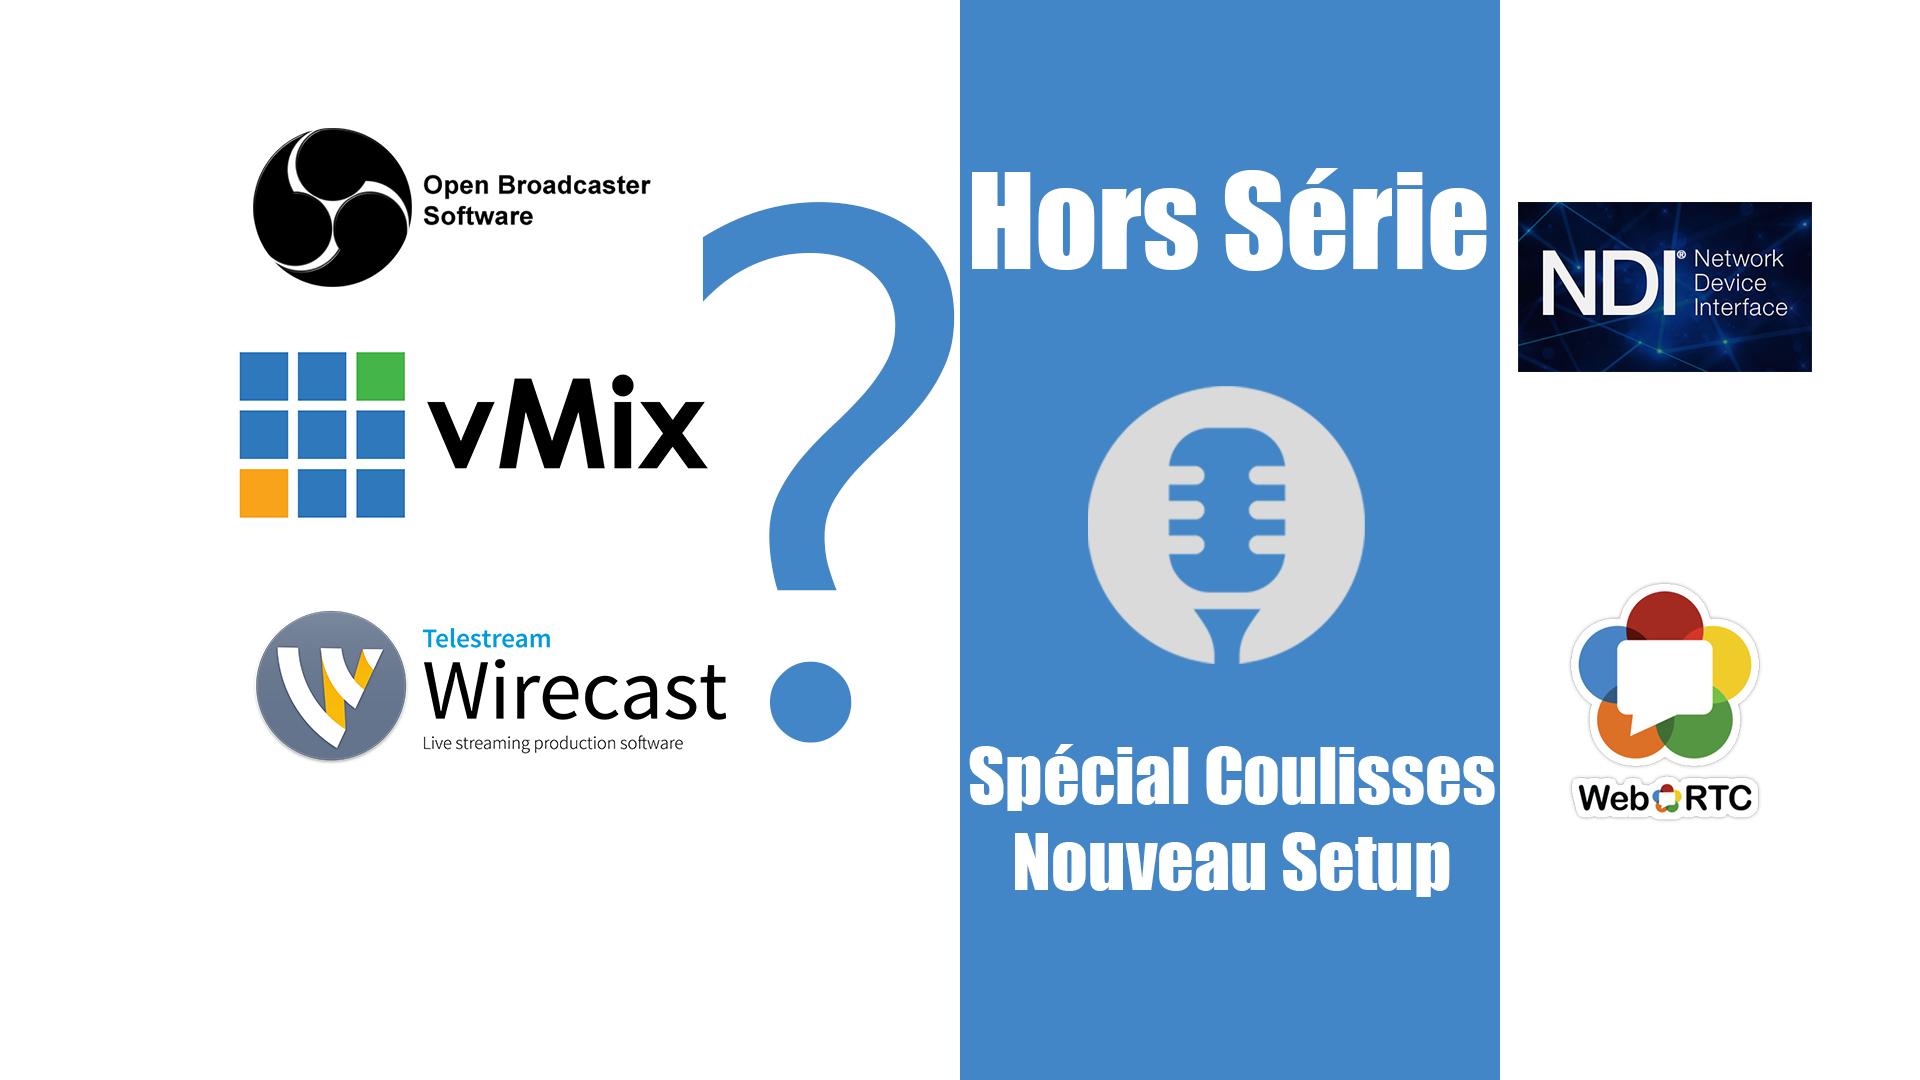 Hors série: Le choix entre OBS, vMIX et Wirecast !